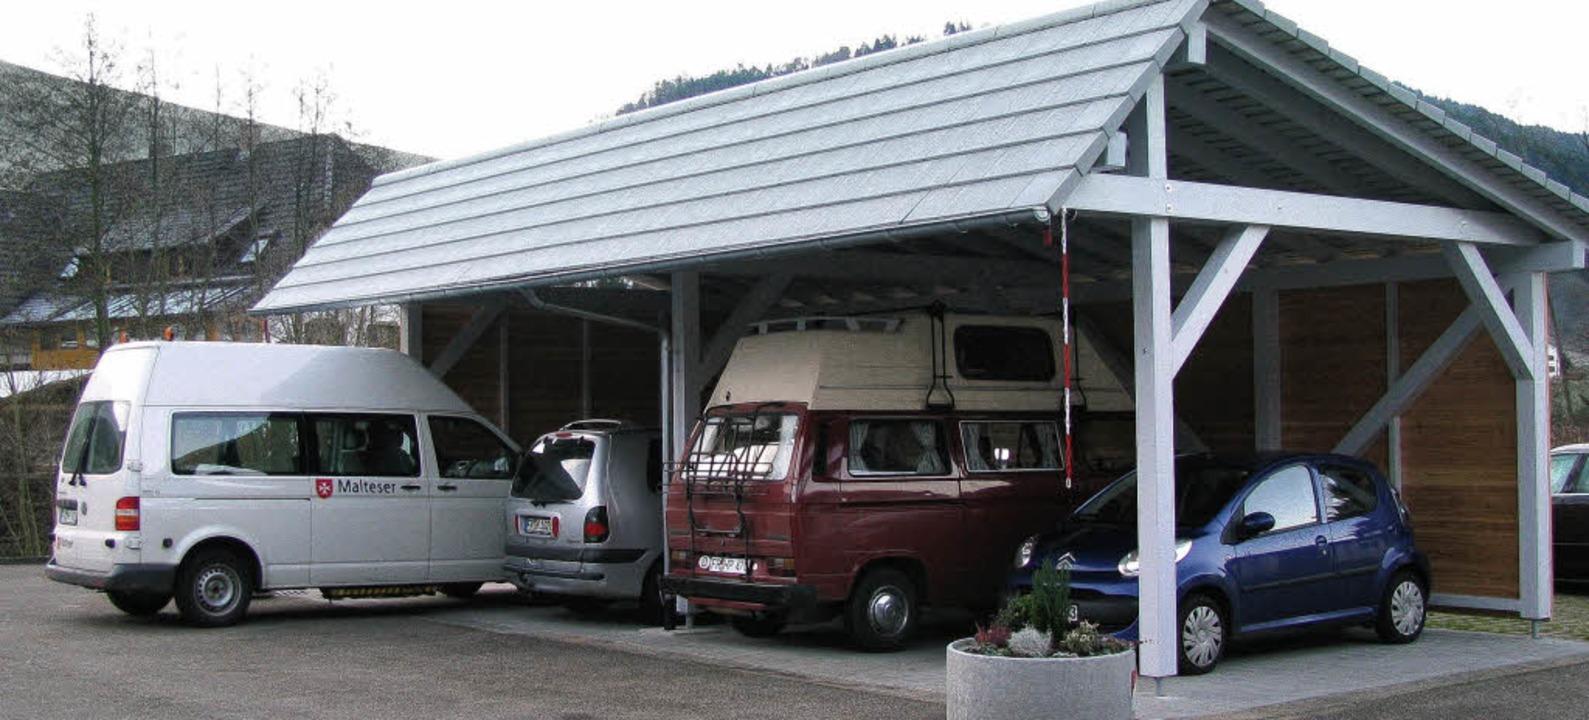 Ein Carport schützt  jetzt die beiden ...Kleinbusse der Münstertäler Malteser.   | Foto: Manfred Lange